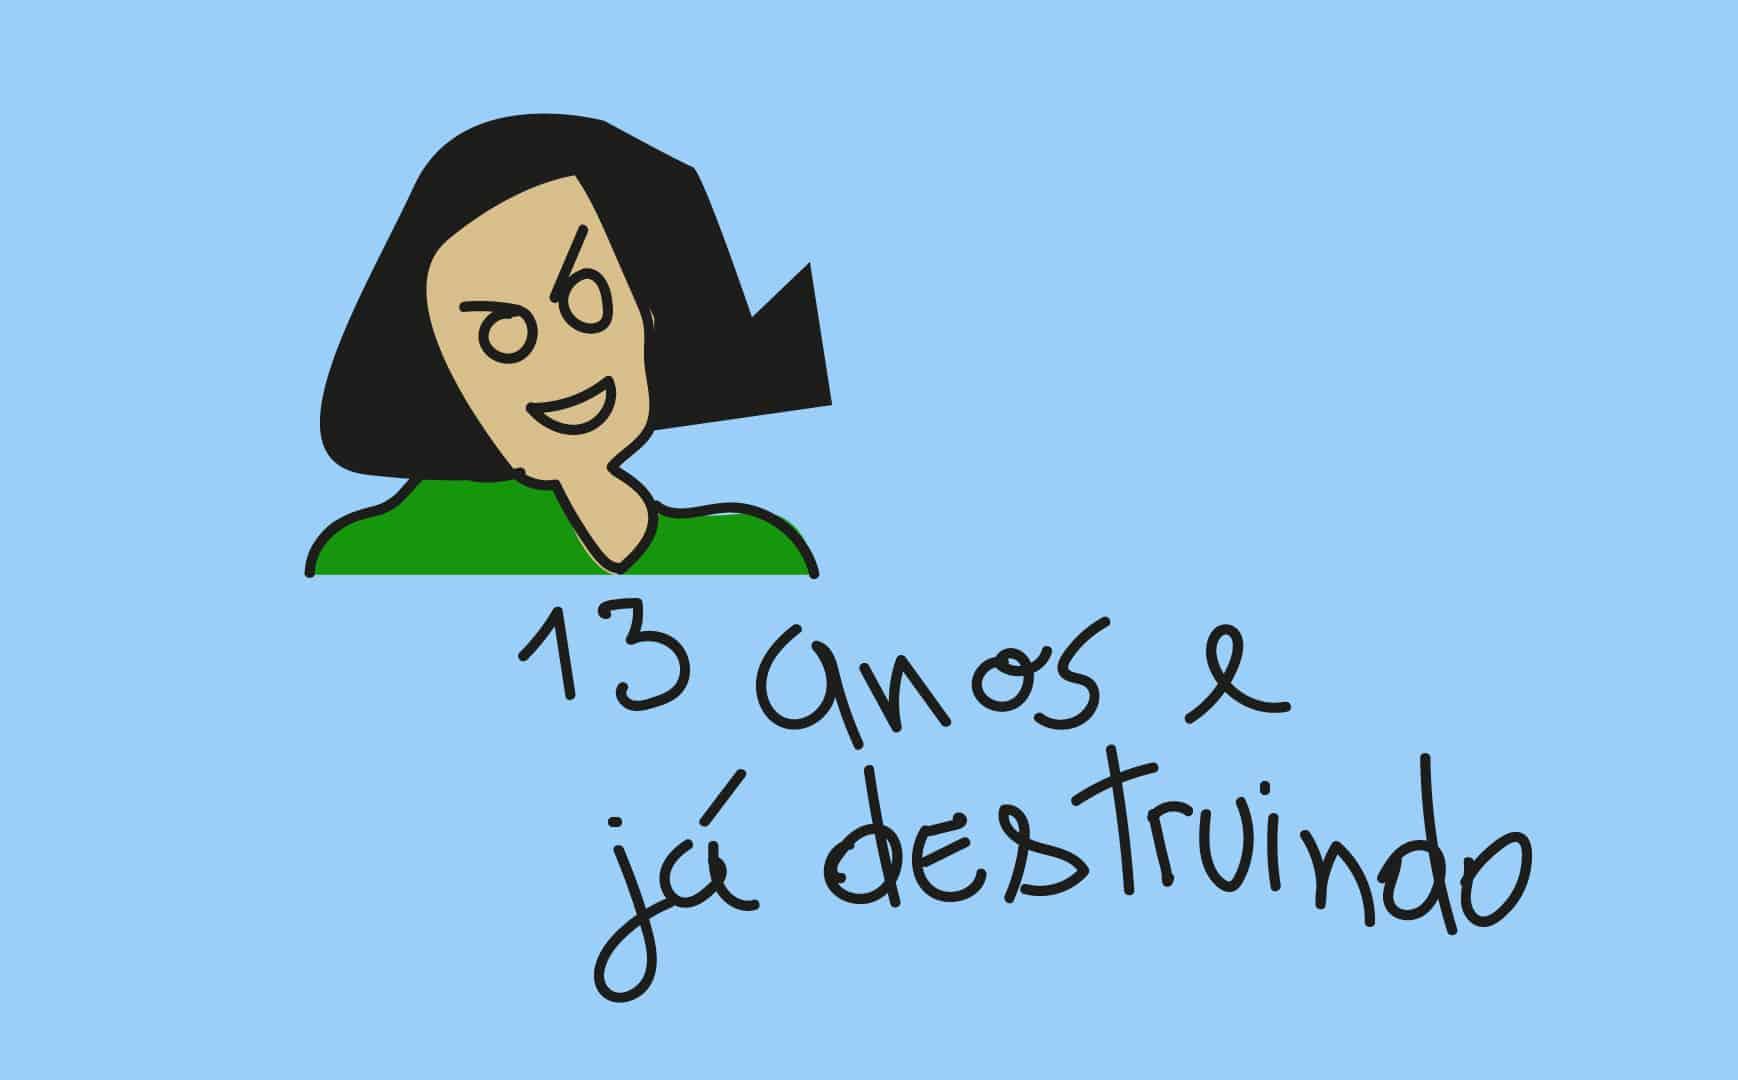 Anne Frank, maestria em letras, línguas e escrita aos 13 anos.